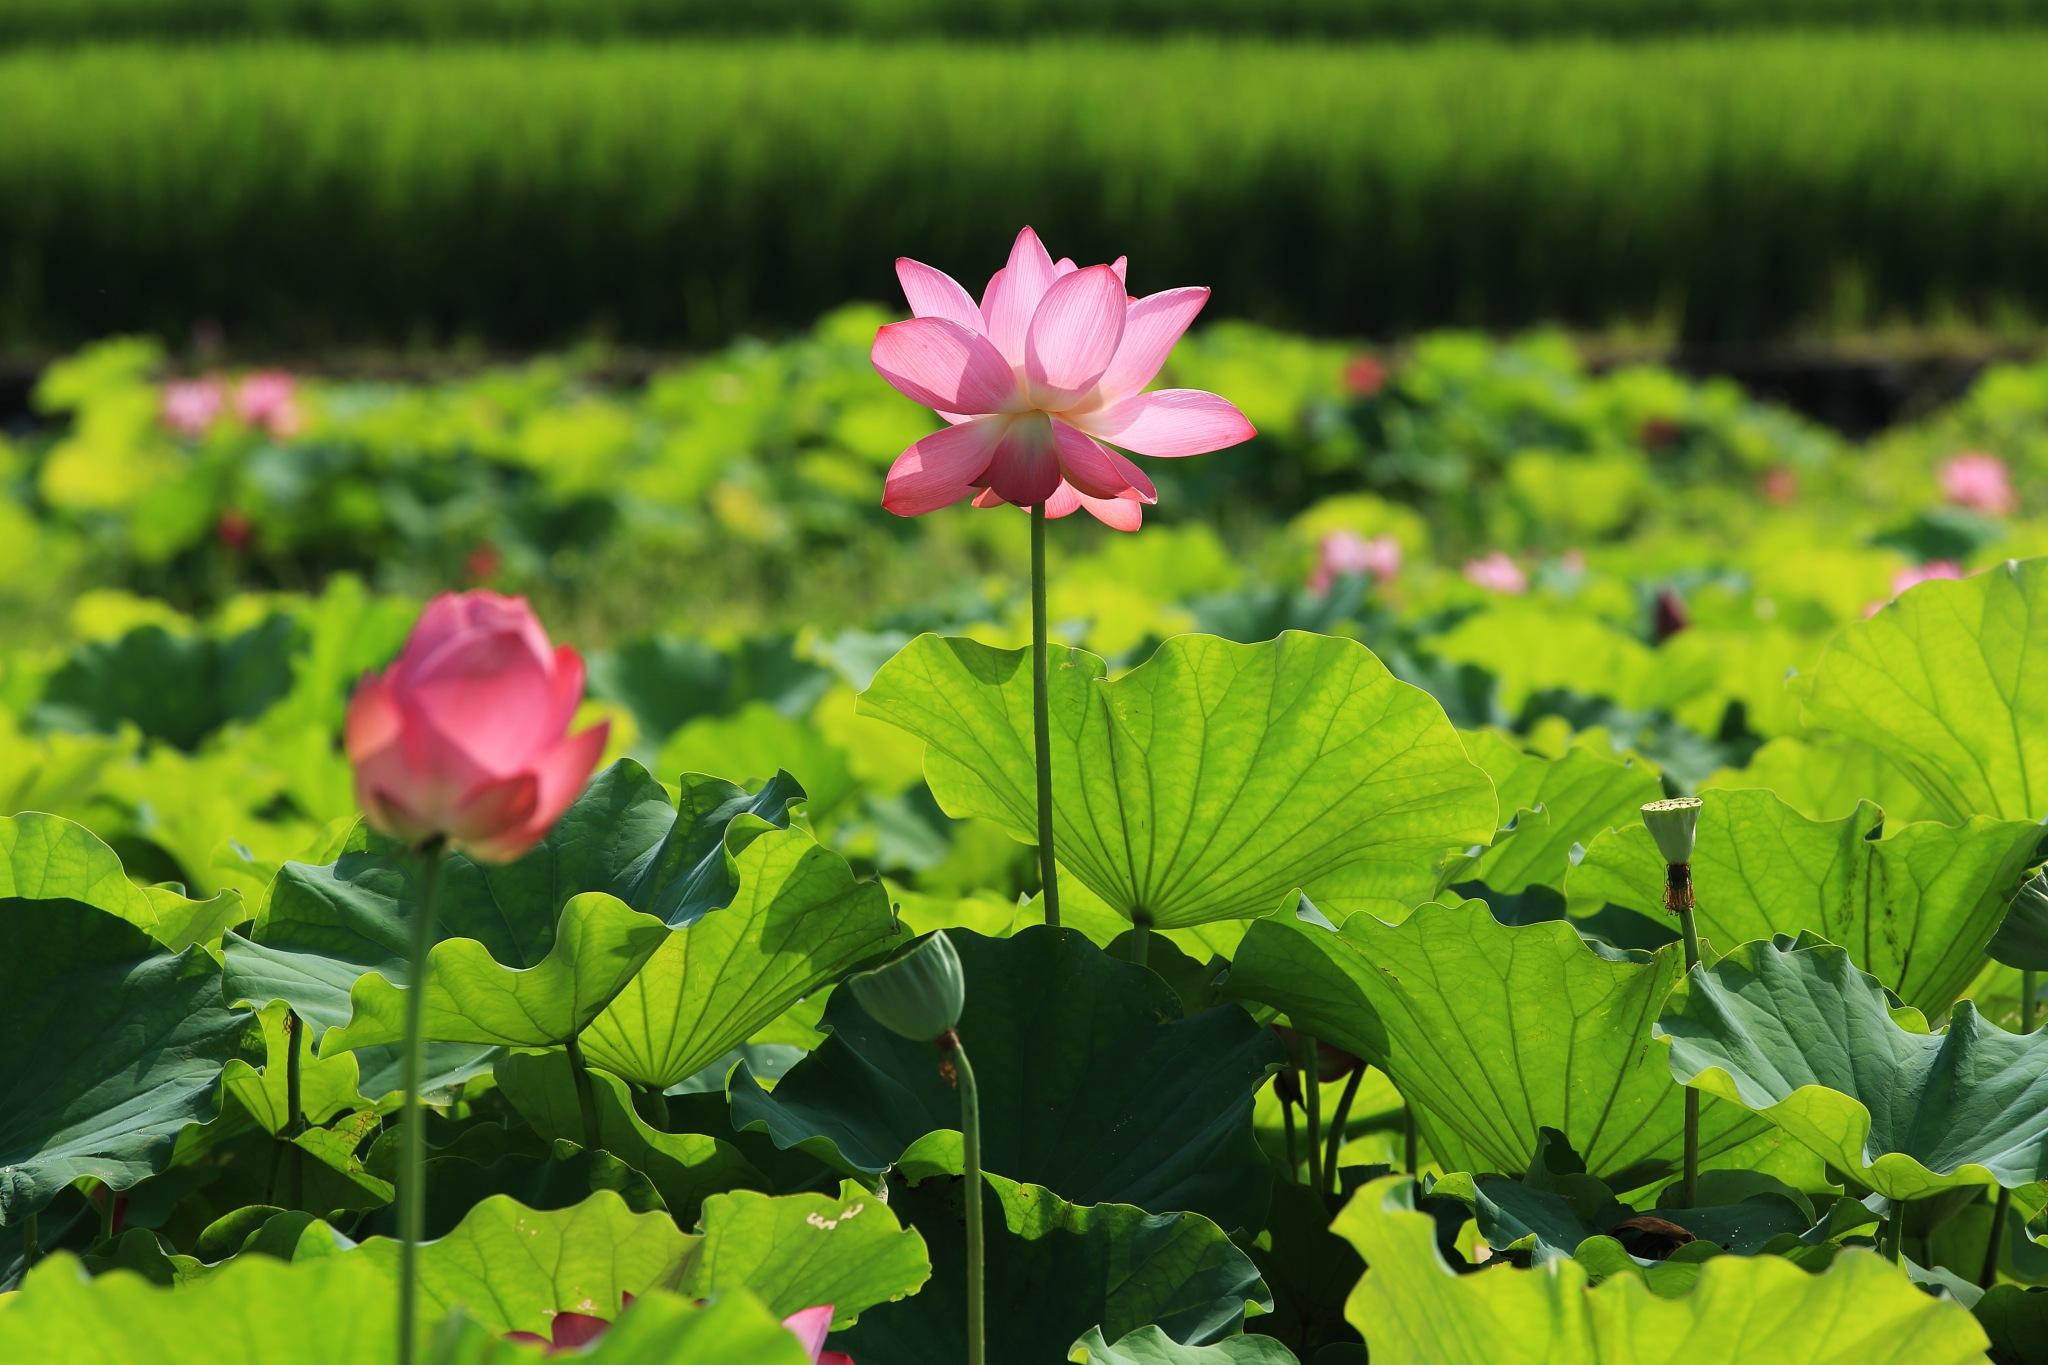 nelumbo nucifera flower by leecj0129